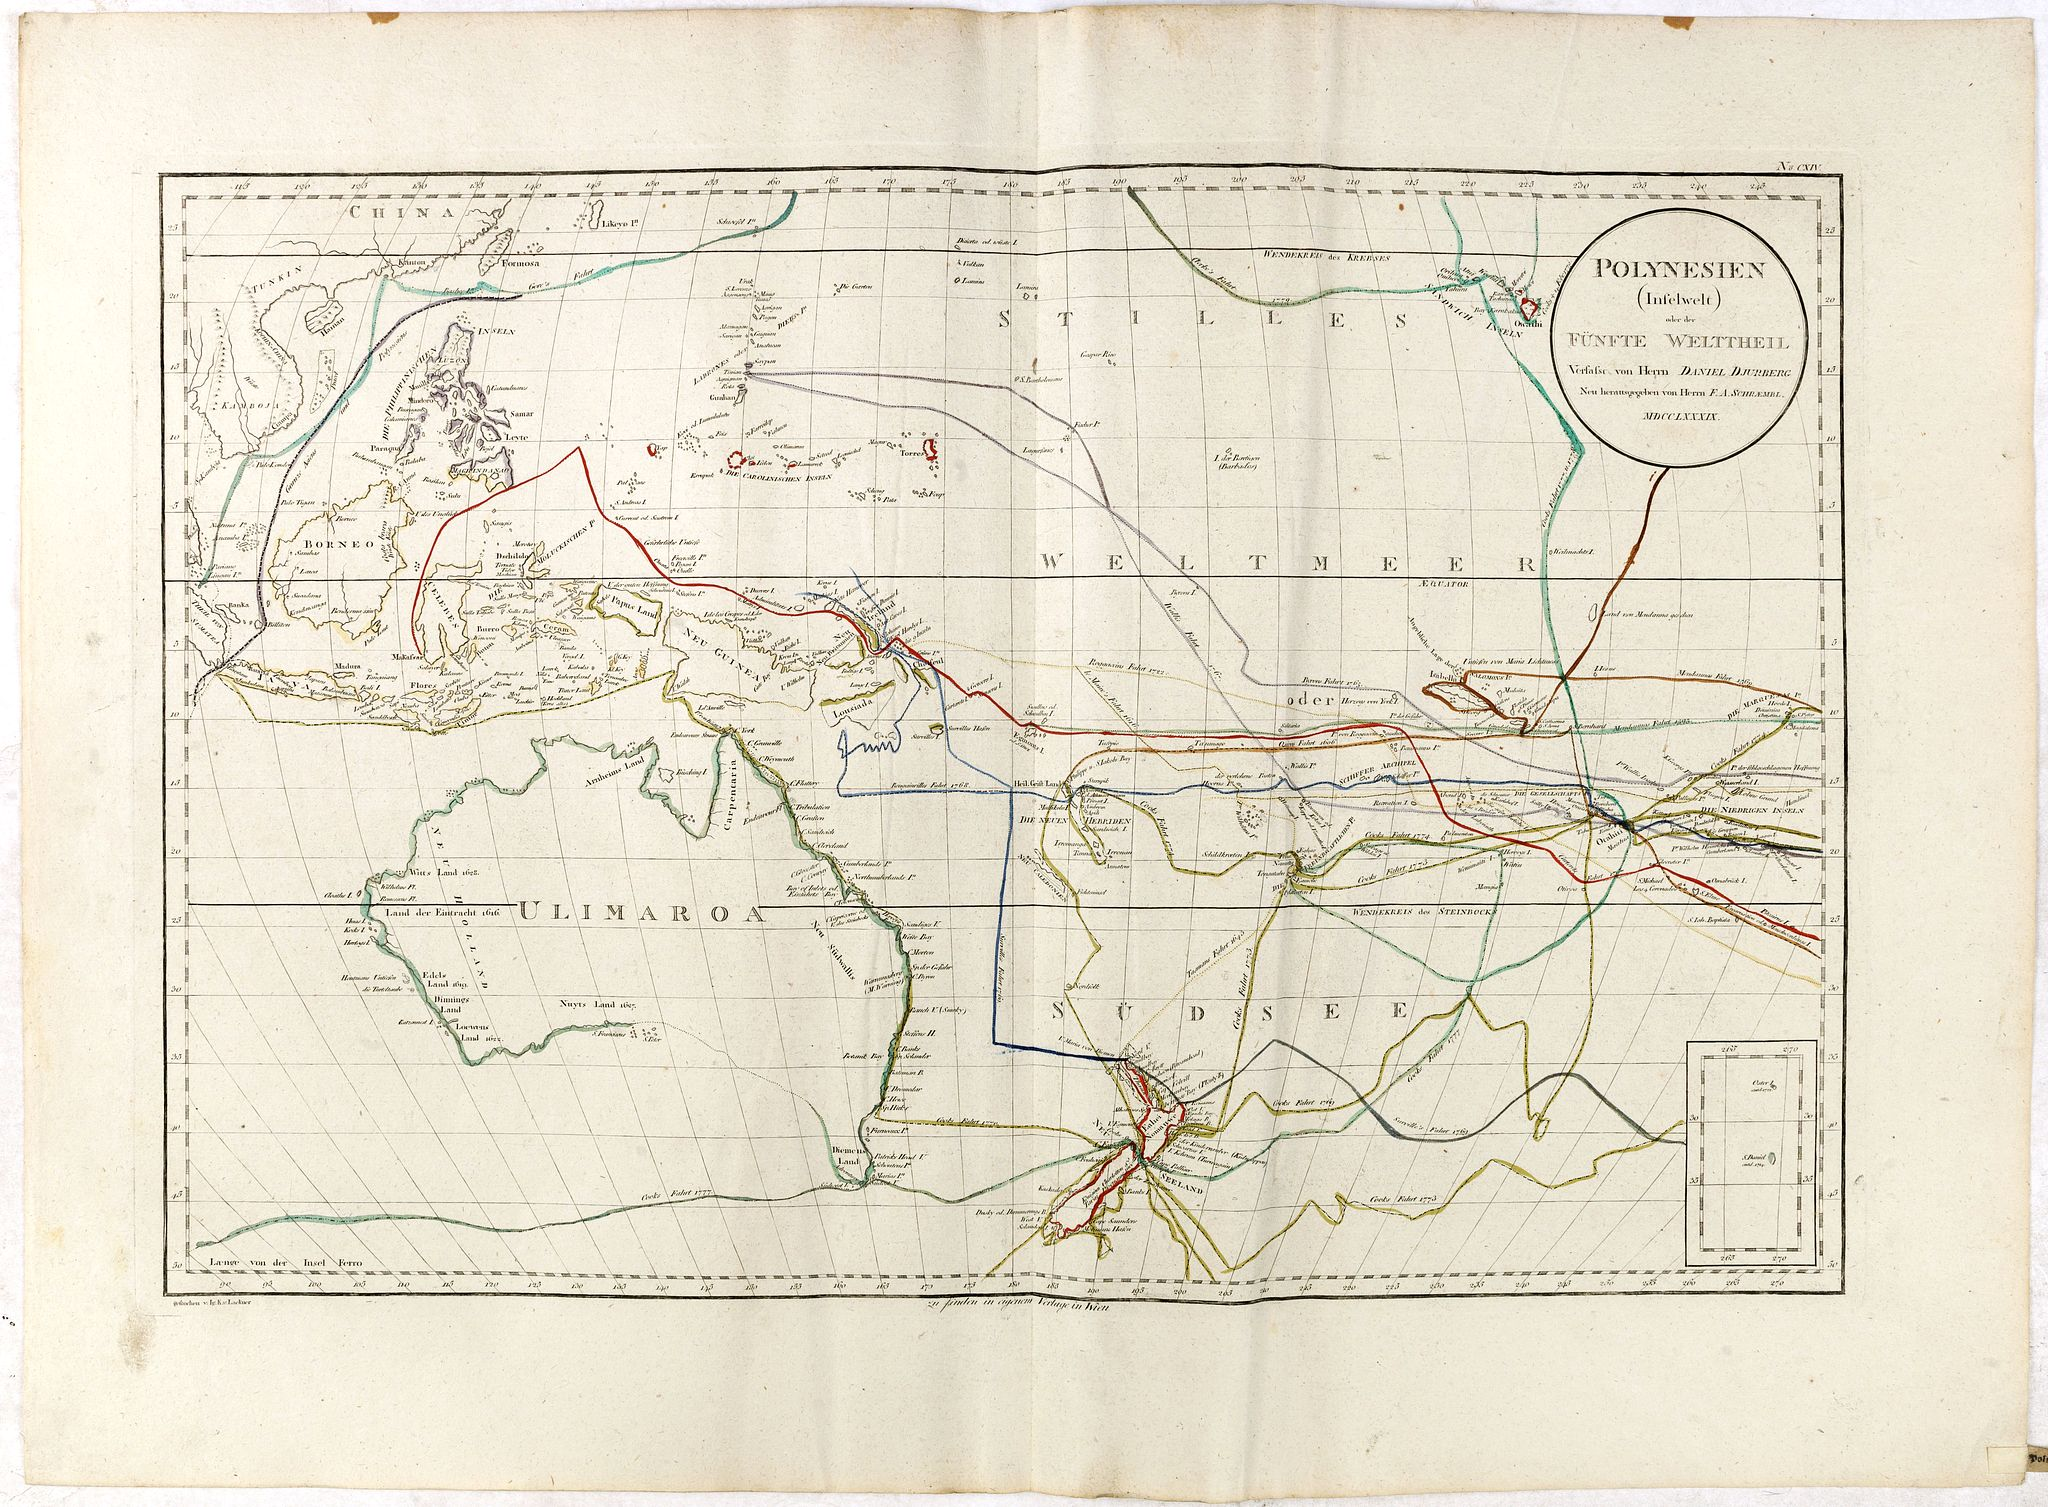 DJURBERG, D. / SCHRAEMBL -  Polynesien (Inselwelt) oder der Fünfte Welttheil Verfasst von Herrn Djurberg. . .